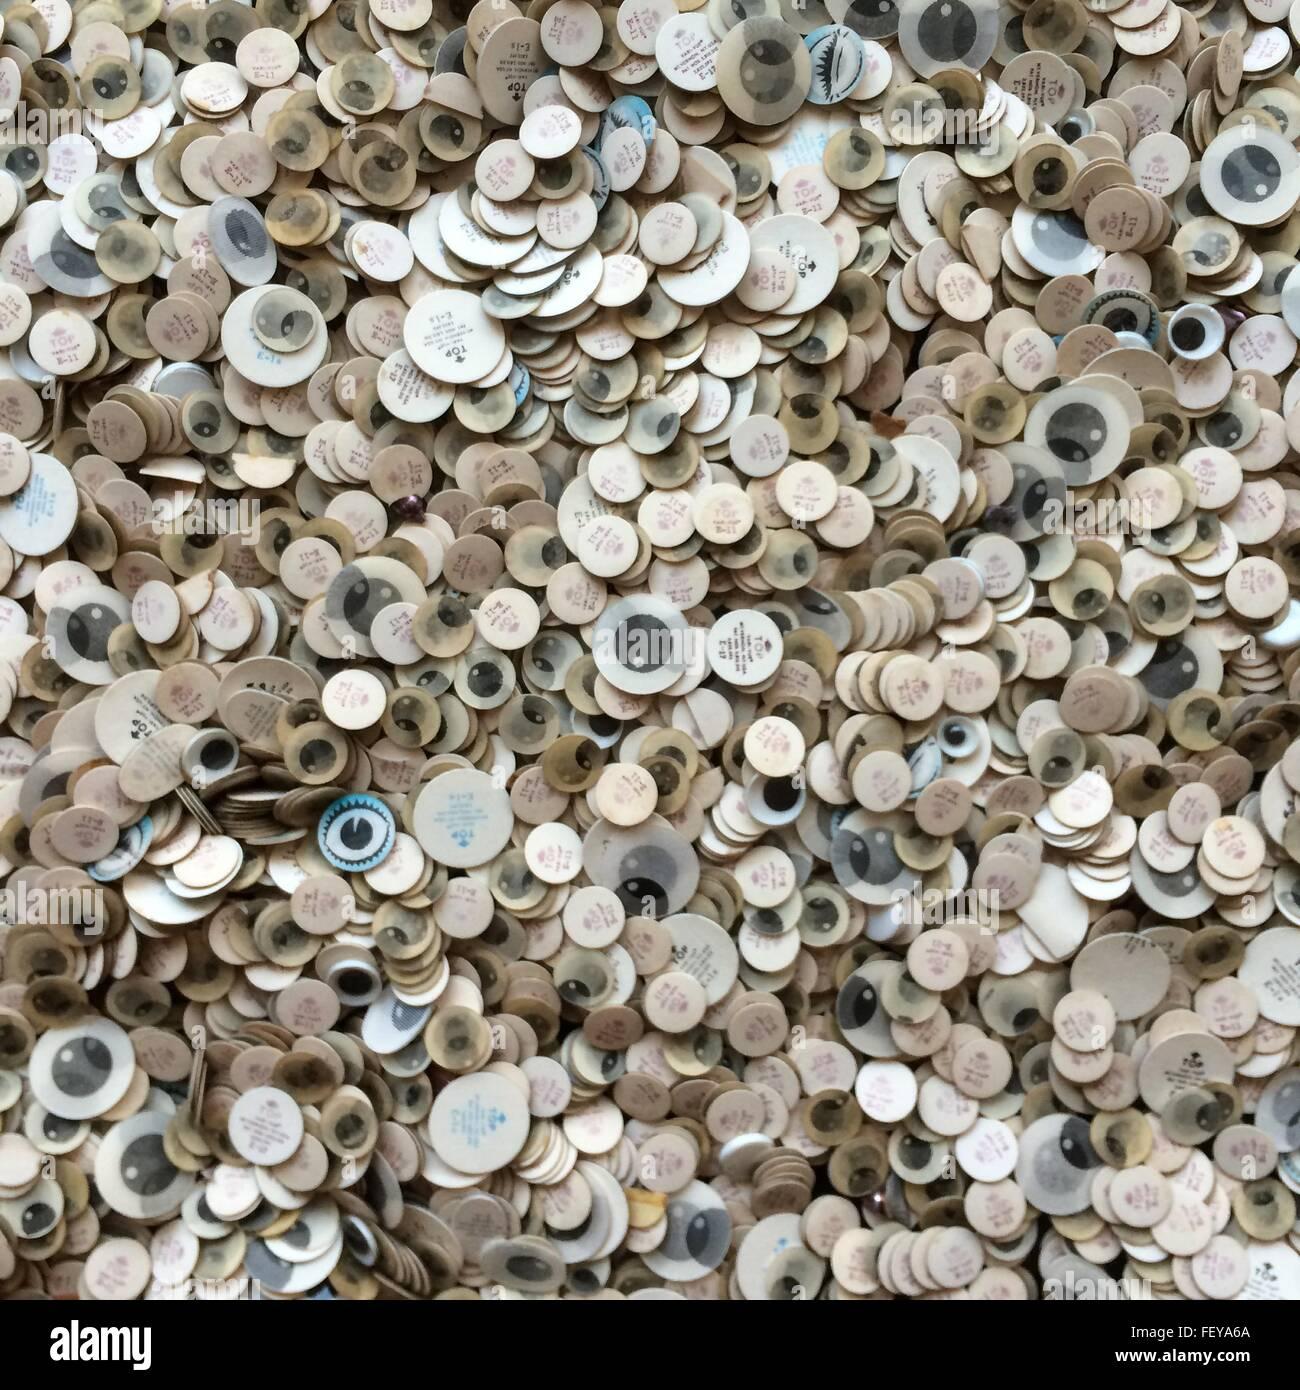 Abundancia de Etiquetas circulares Imagen De Stock